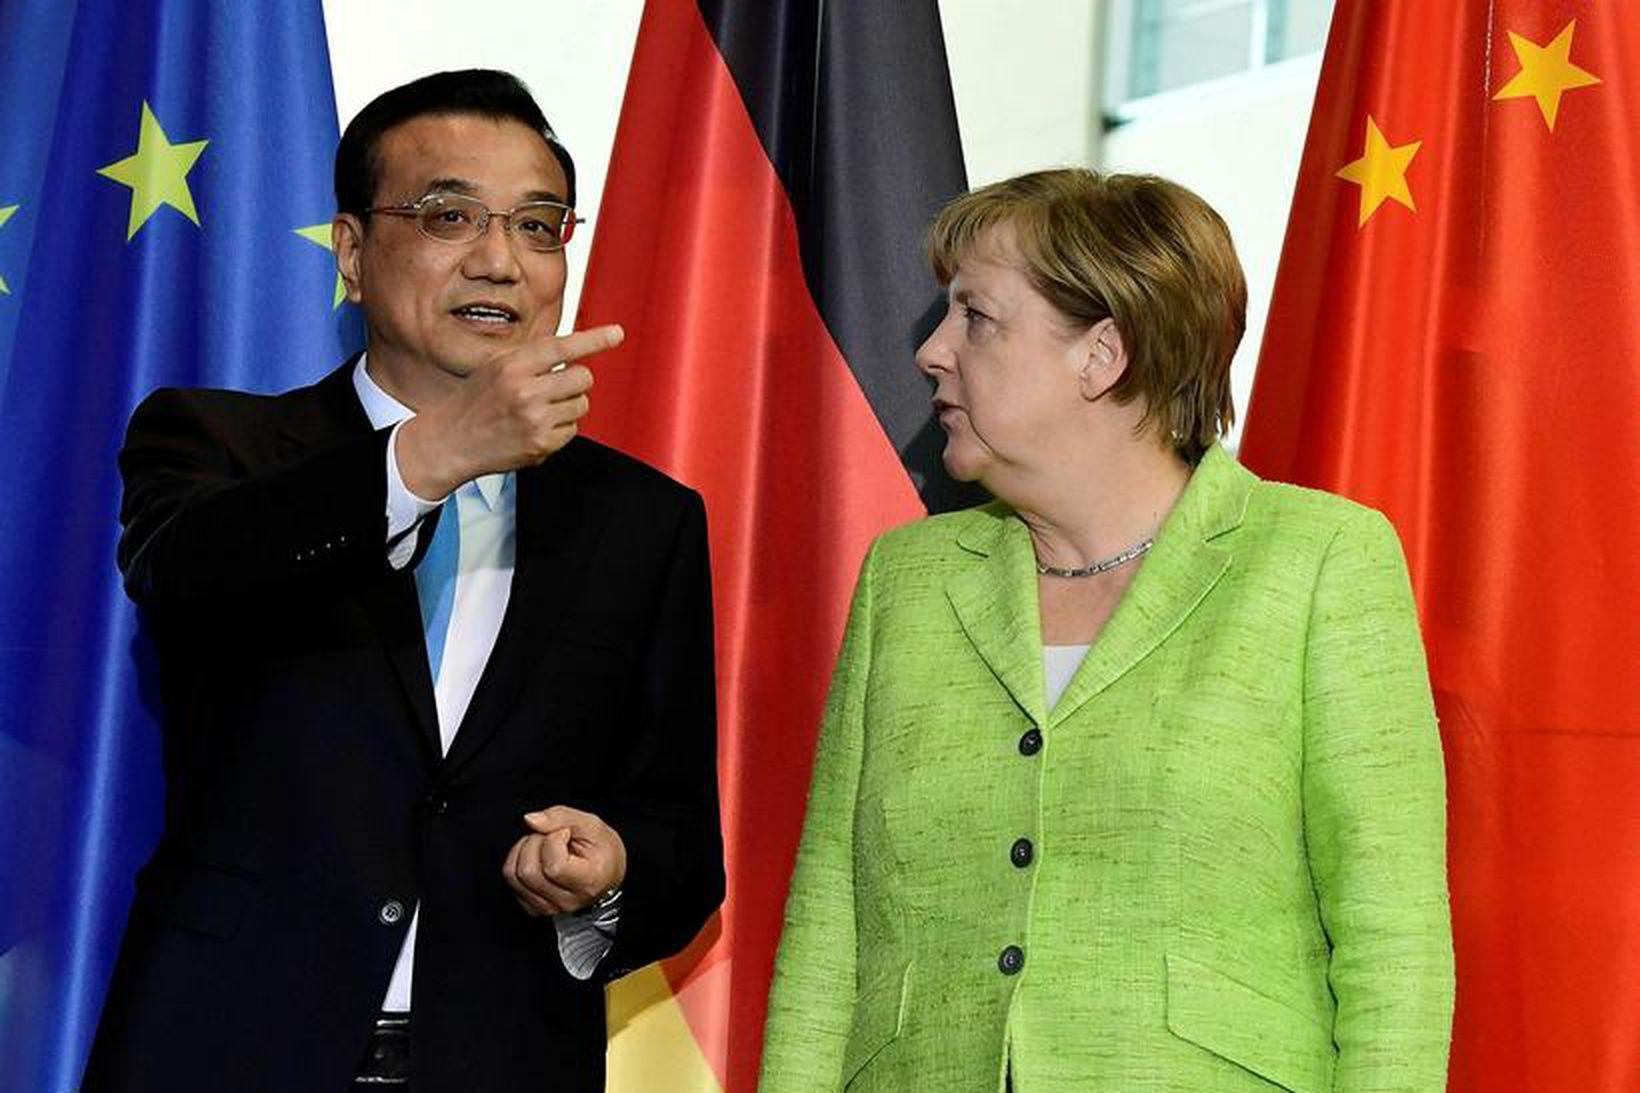 Li Keqiang, forsætisráðherra Kína, og Angela Merkel, kanslari Þýskalands, hittust …